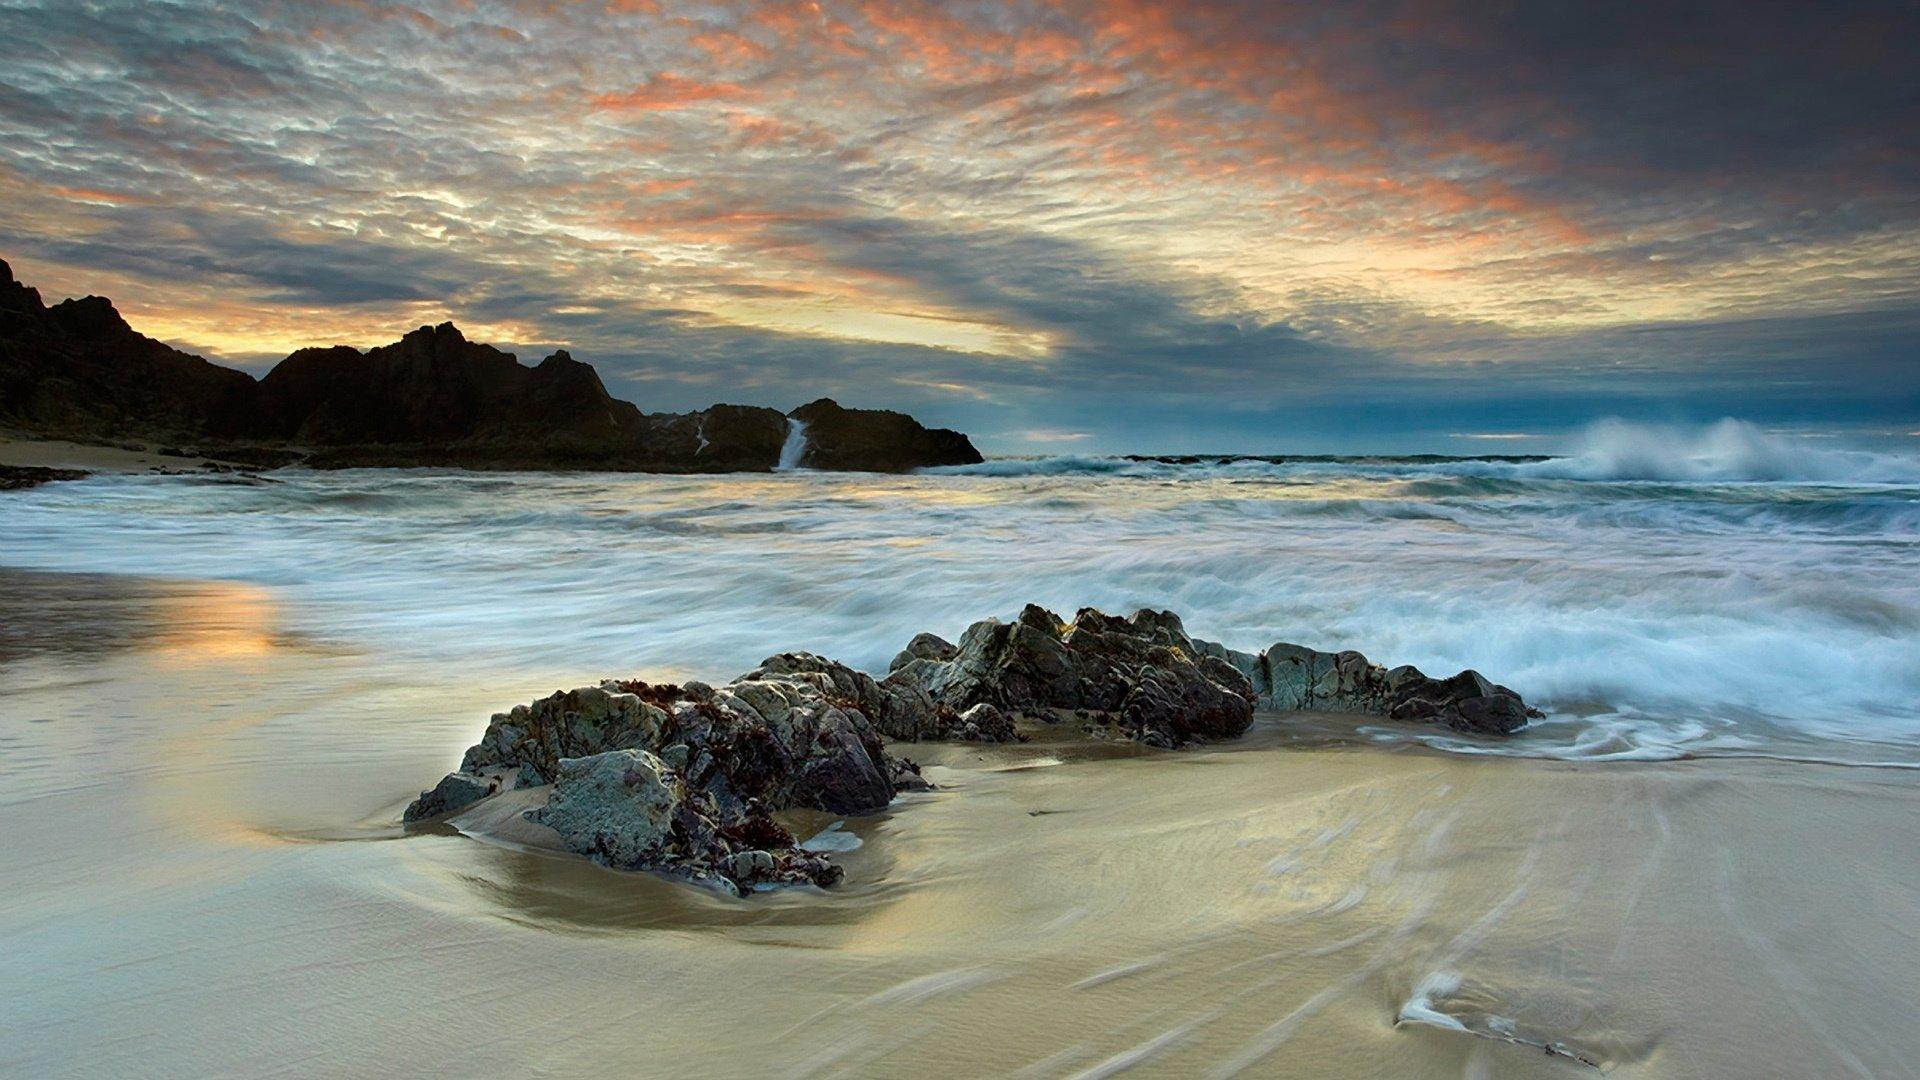 Скалы камни закат на берегу смотреть